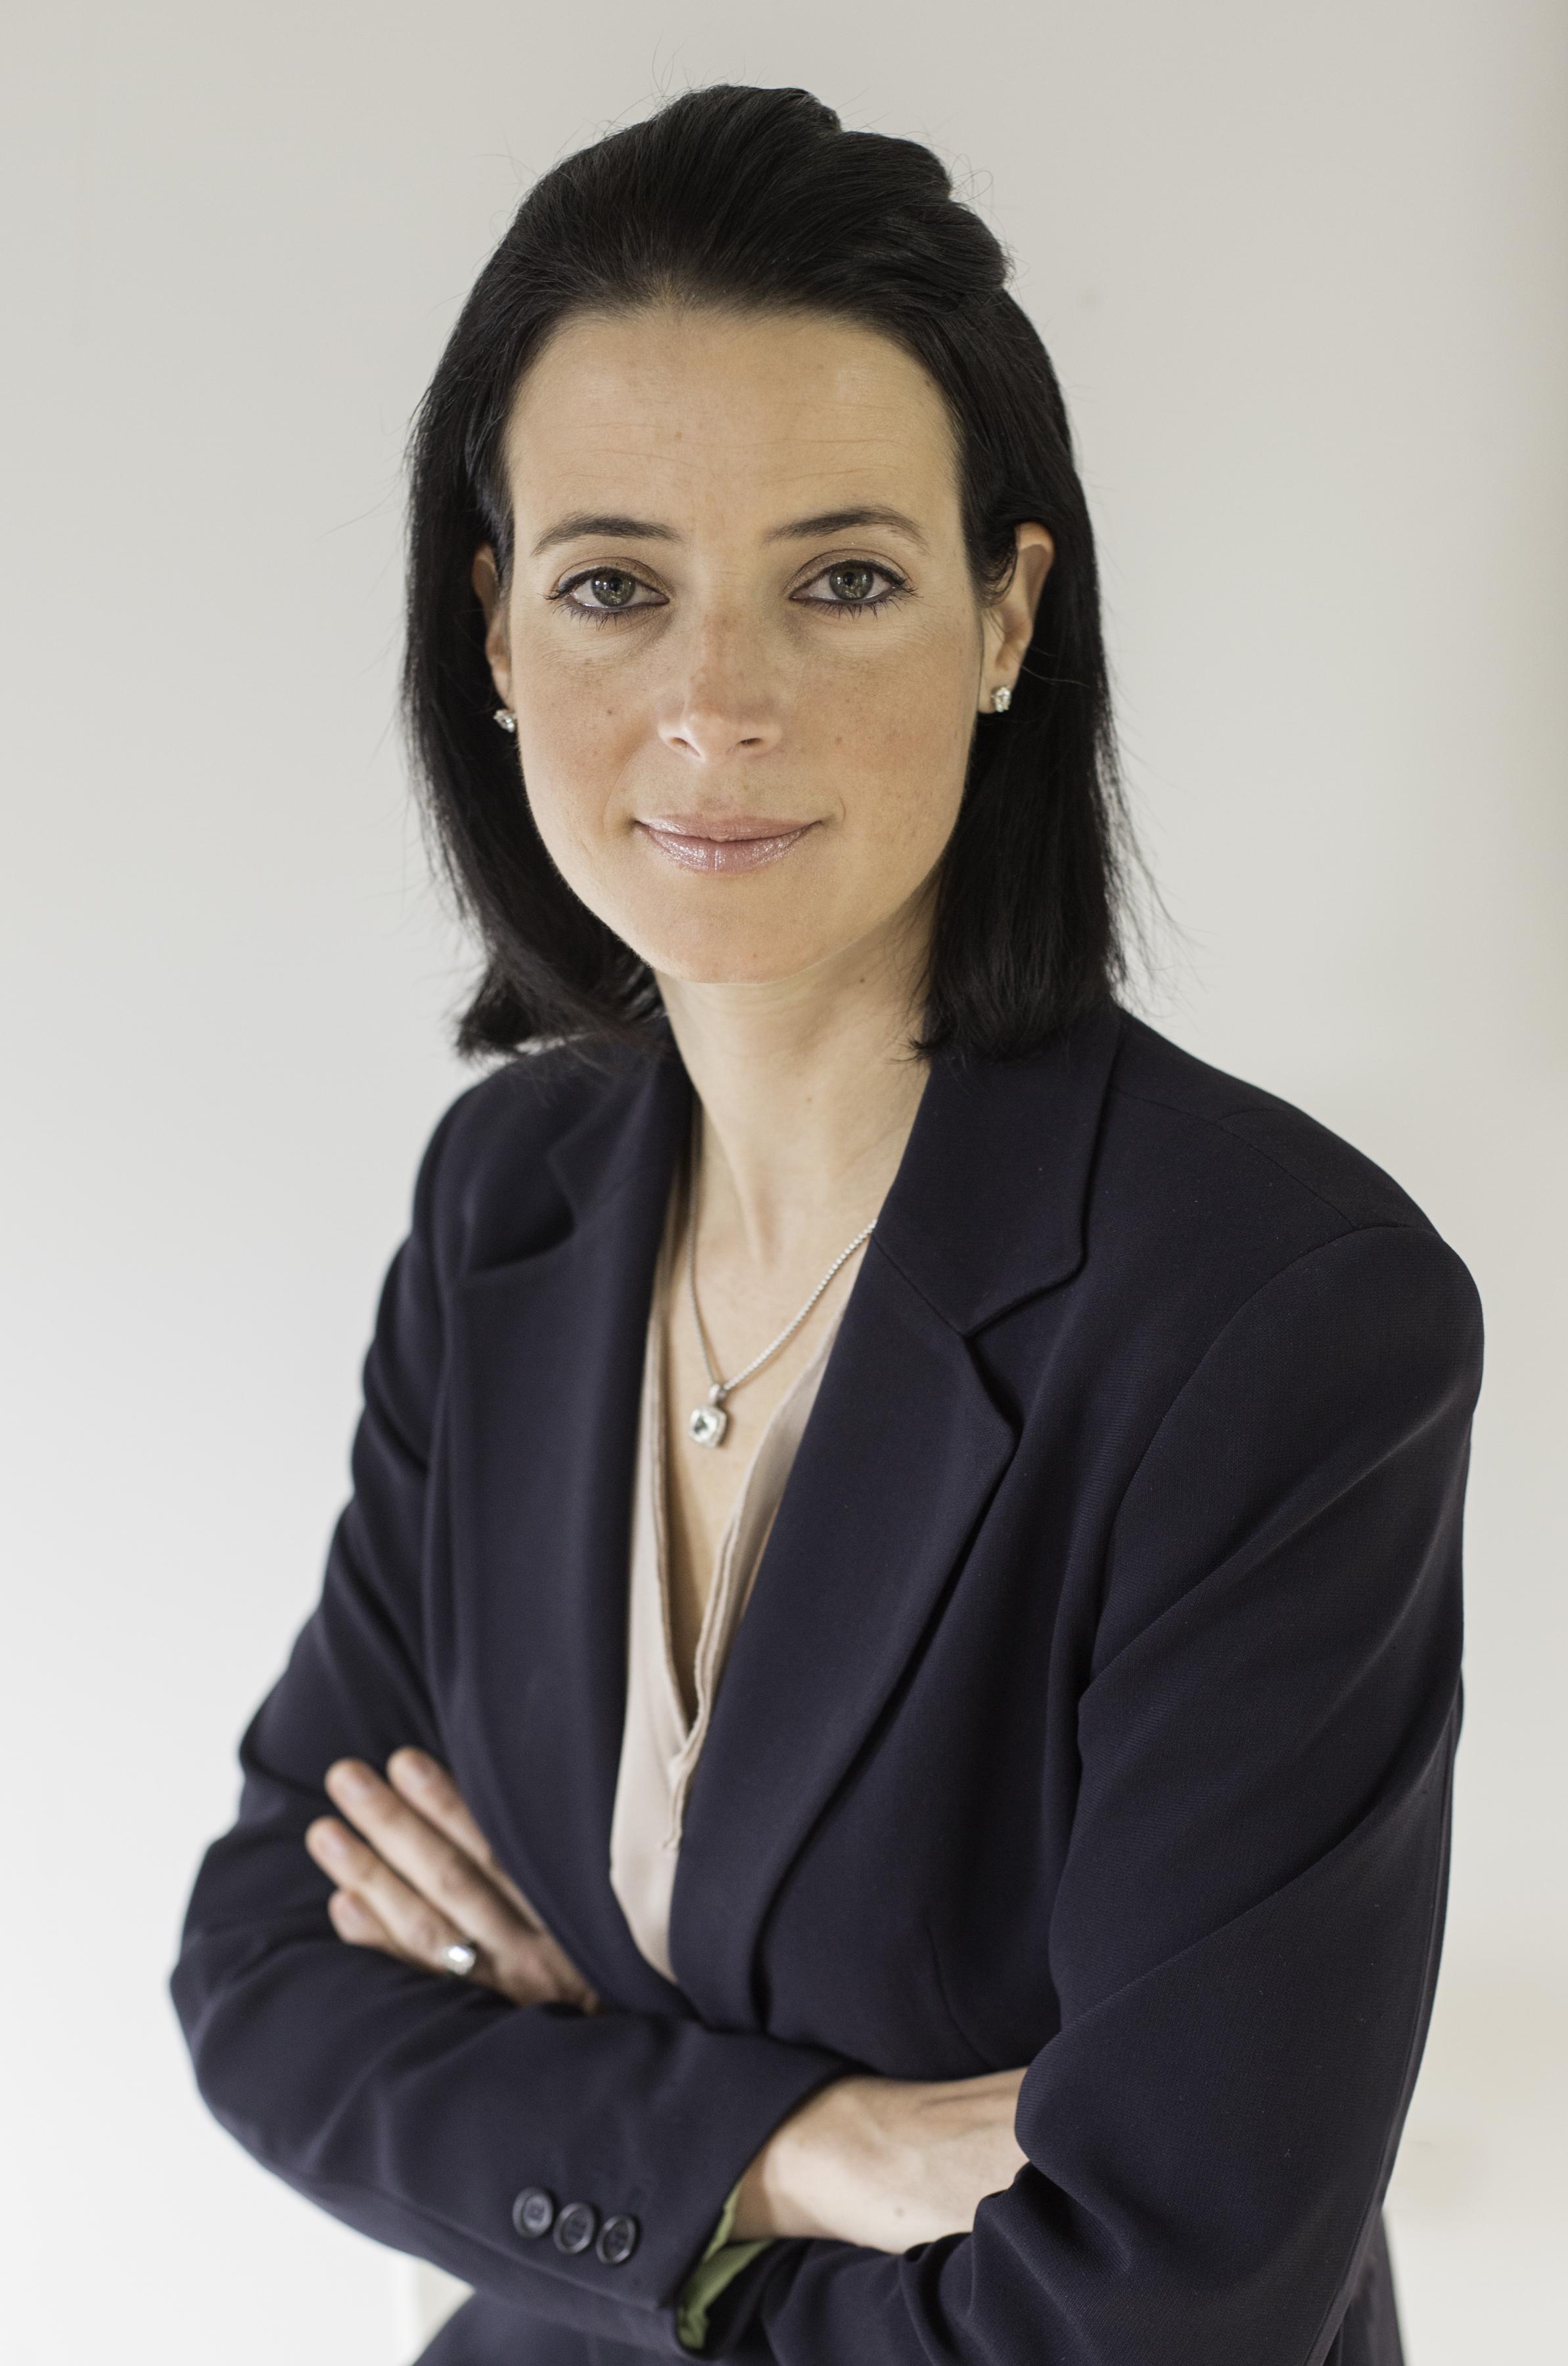 Kay Lawson